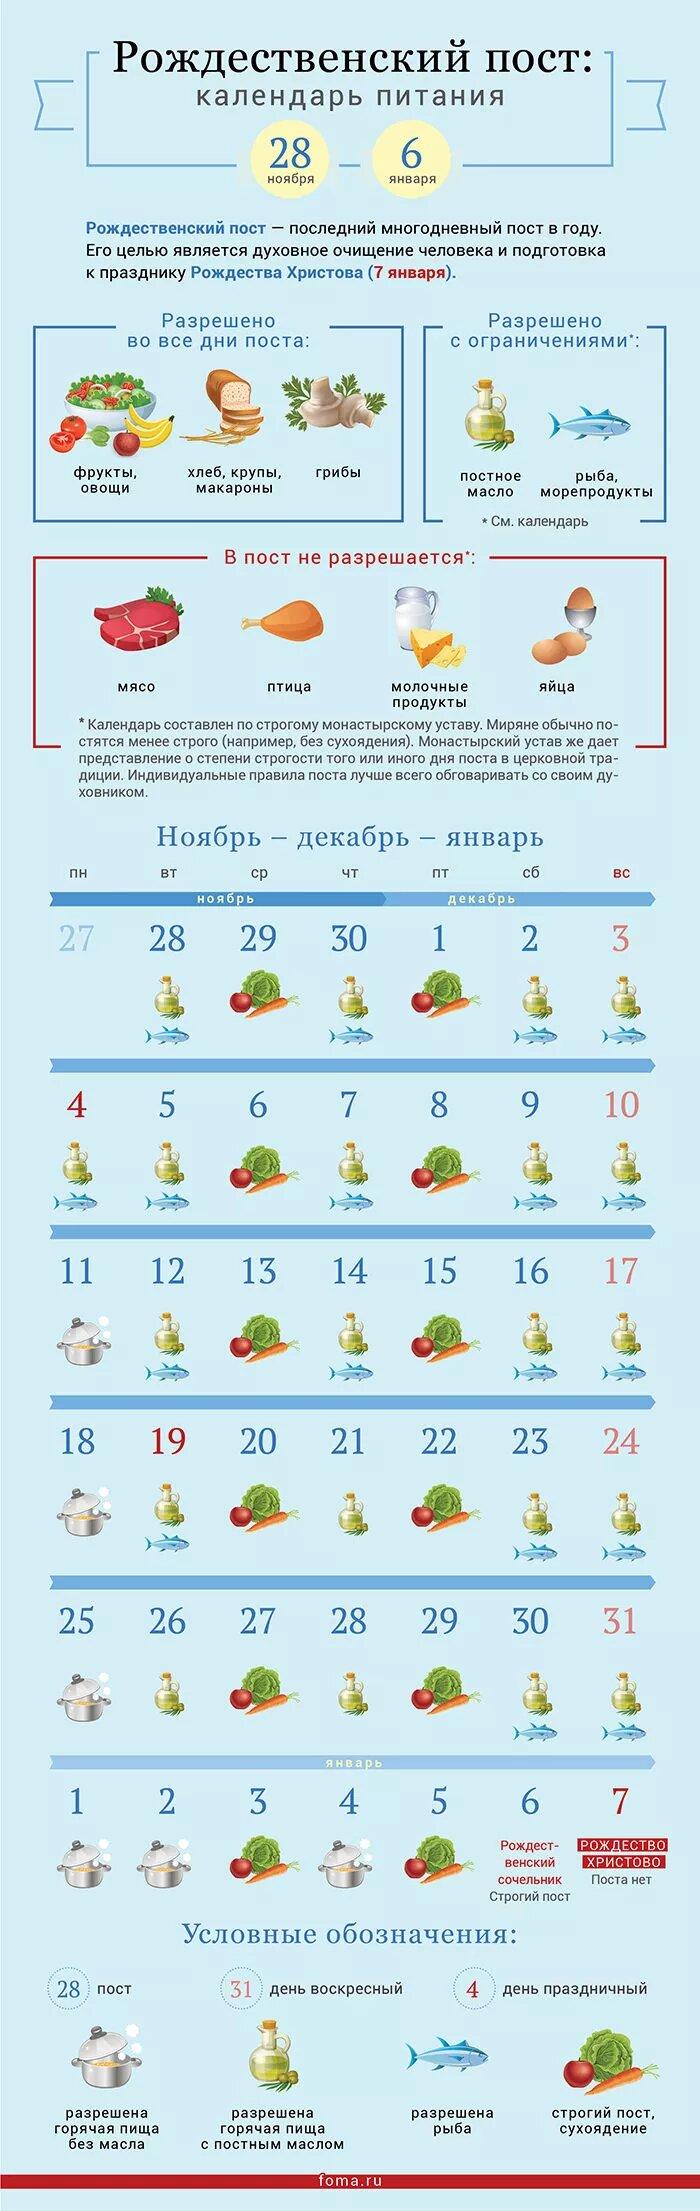 с 28 ноября начинается Рождественский пост